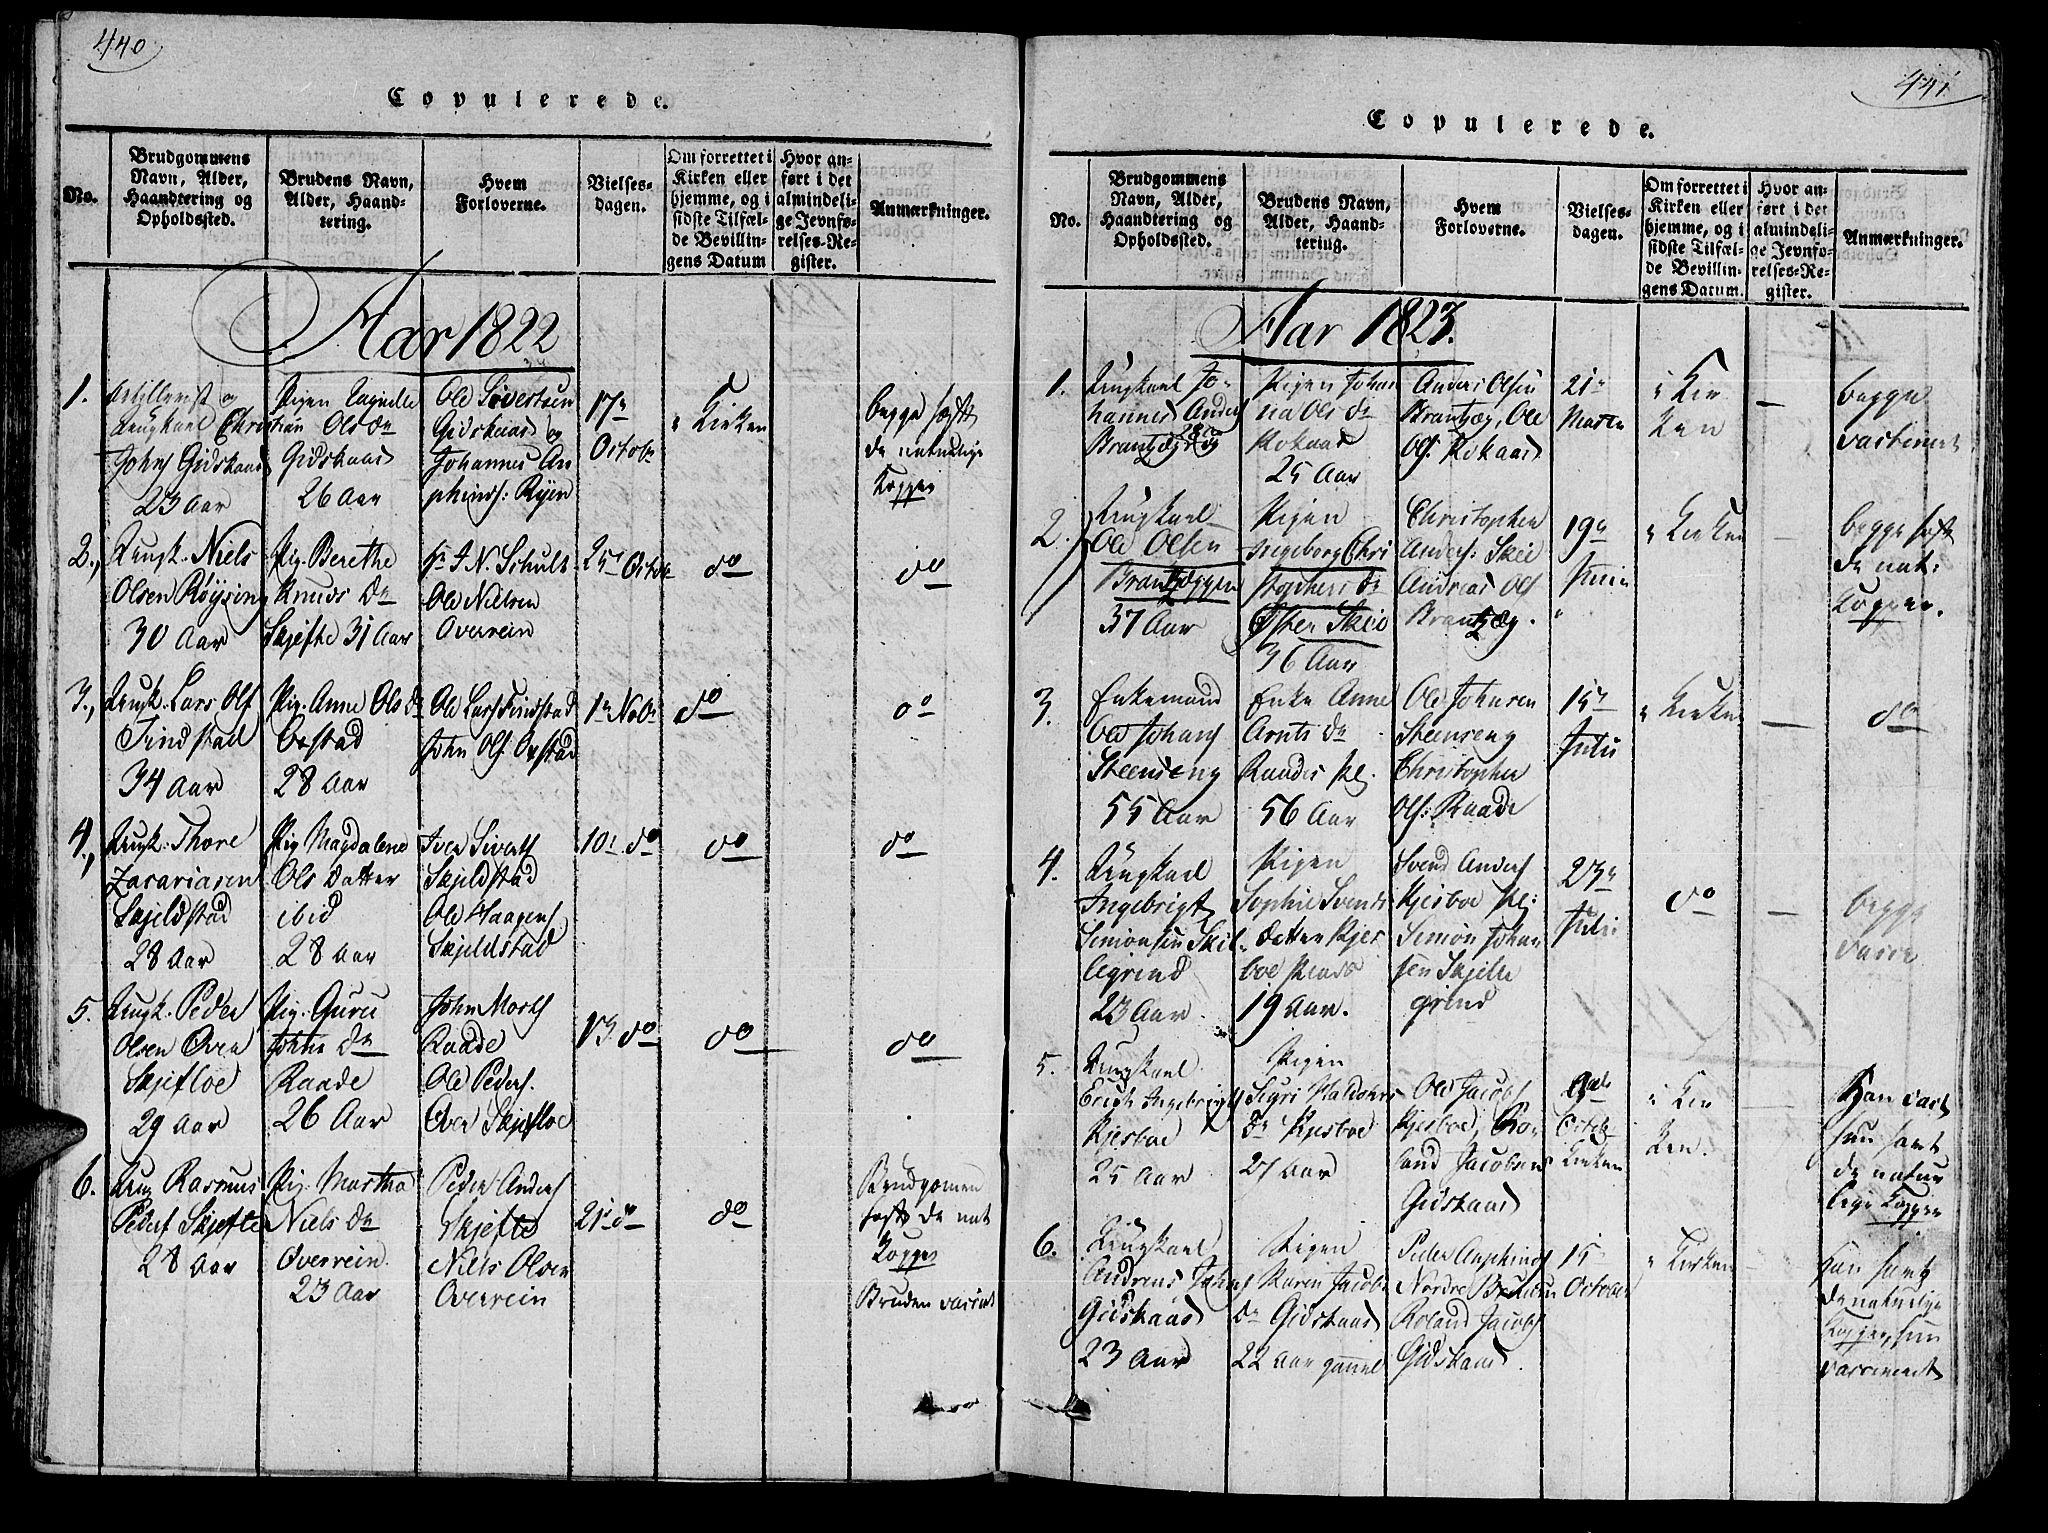 SAT, Ministerialprotokoller, klokkerbøker og fødselsregistre - Nord-Trøndelag, 735/L0333: Ministerialbok nr. 735A04 /2, 1816-1825, s. 440-441